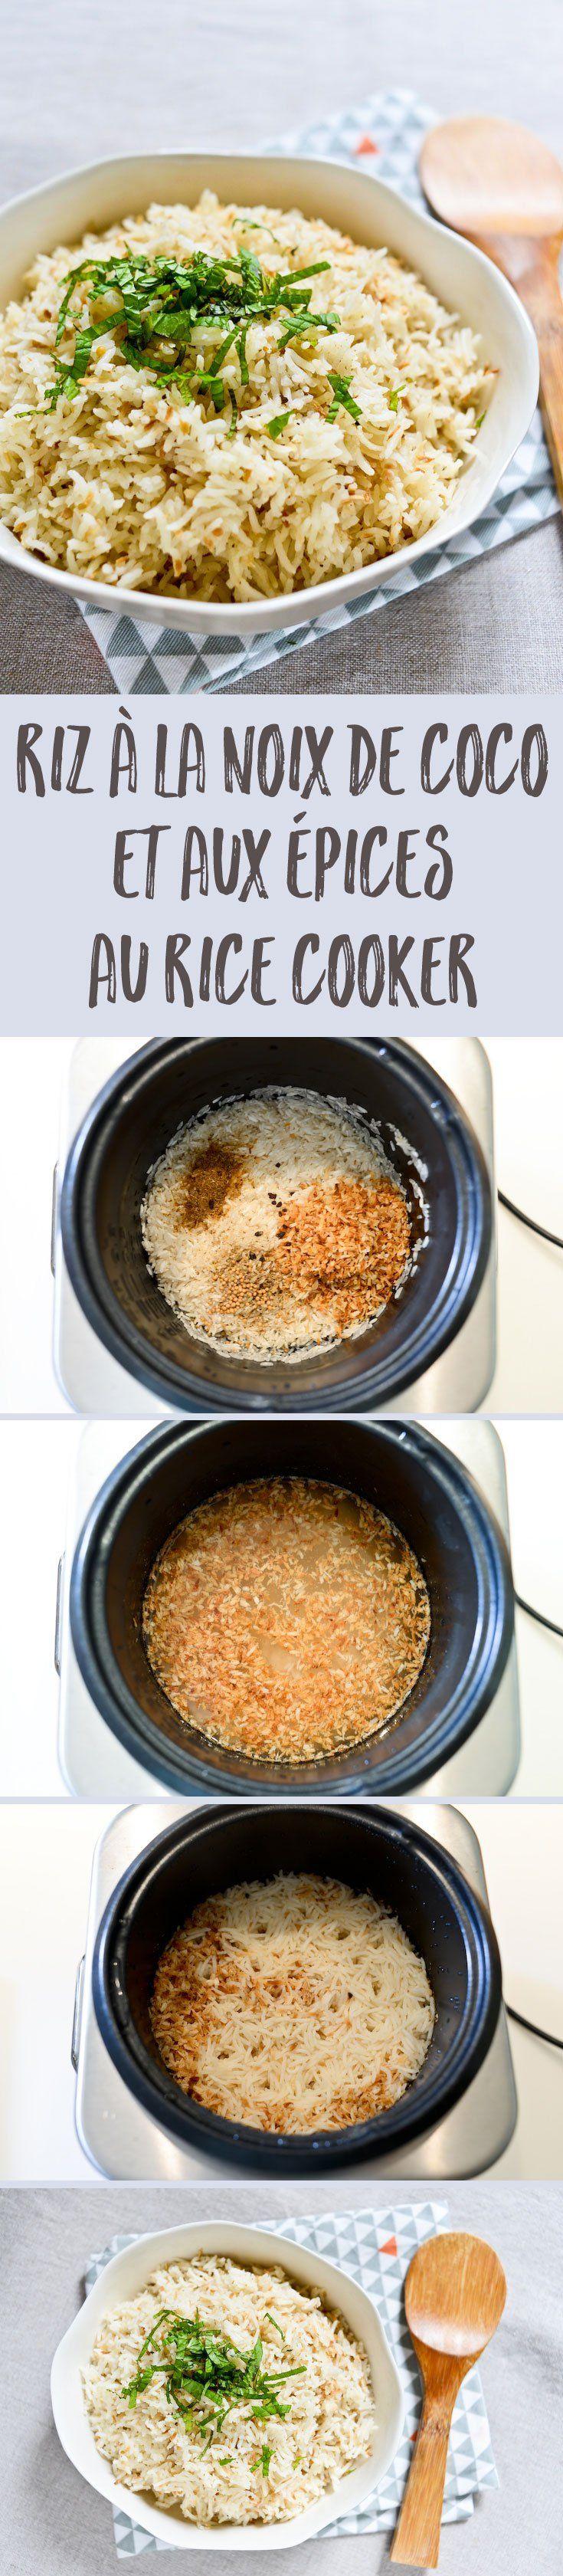 Une recette ultra simple pour préparer du riz à la noix de coco et aux épices au rice cooker en quelques minutes. Le parfait accompagnement pour un curry !